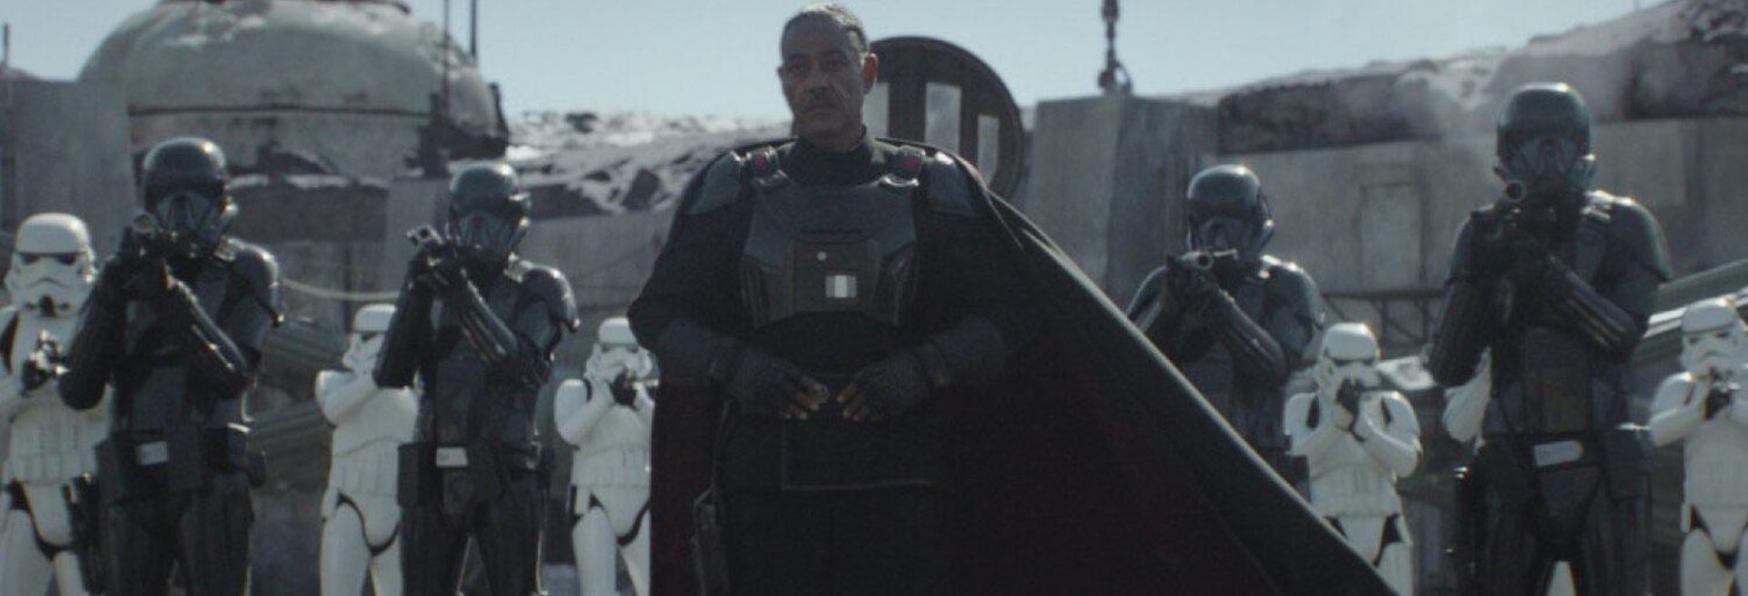 The Mandalorian 2: il Look del Personaggi nella nuova Stagione